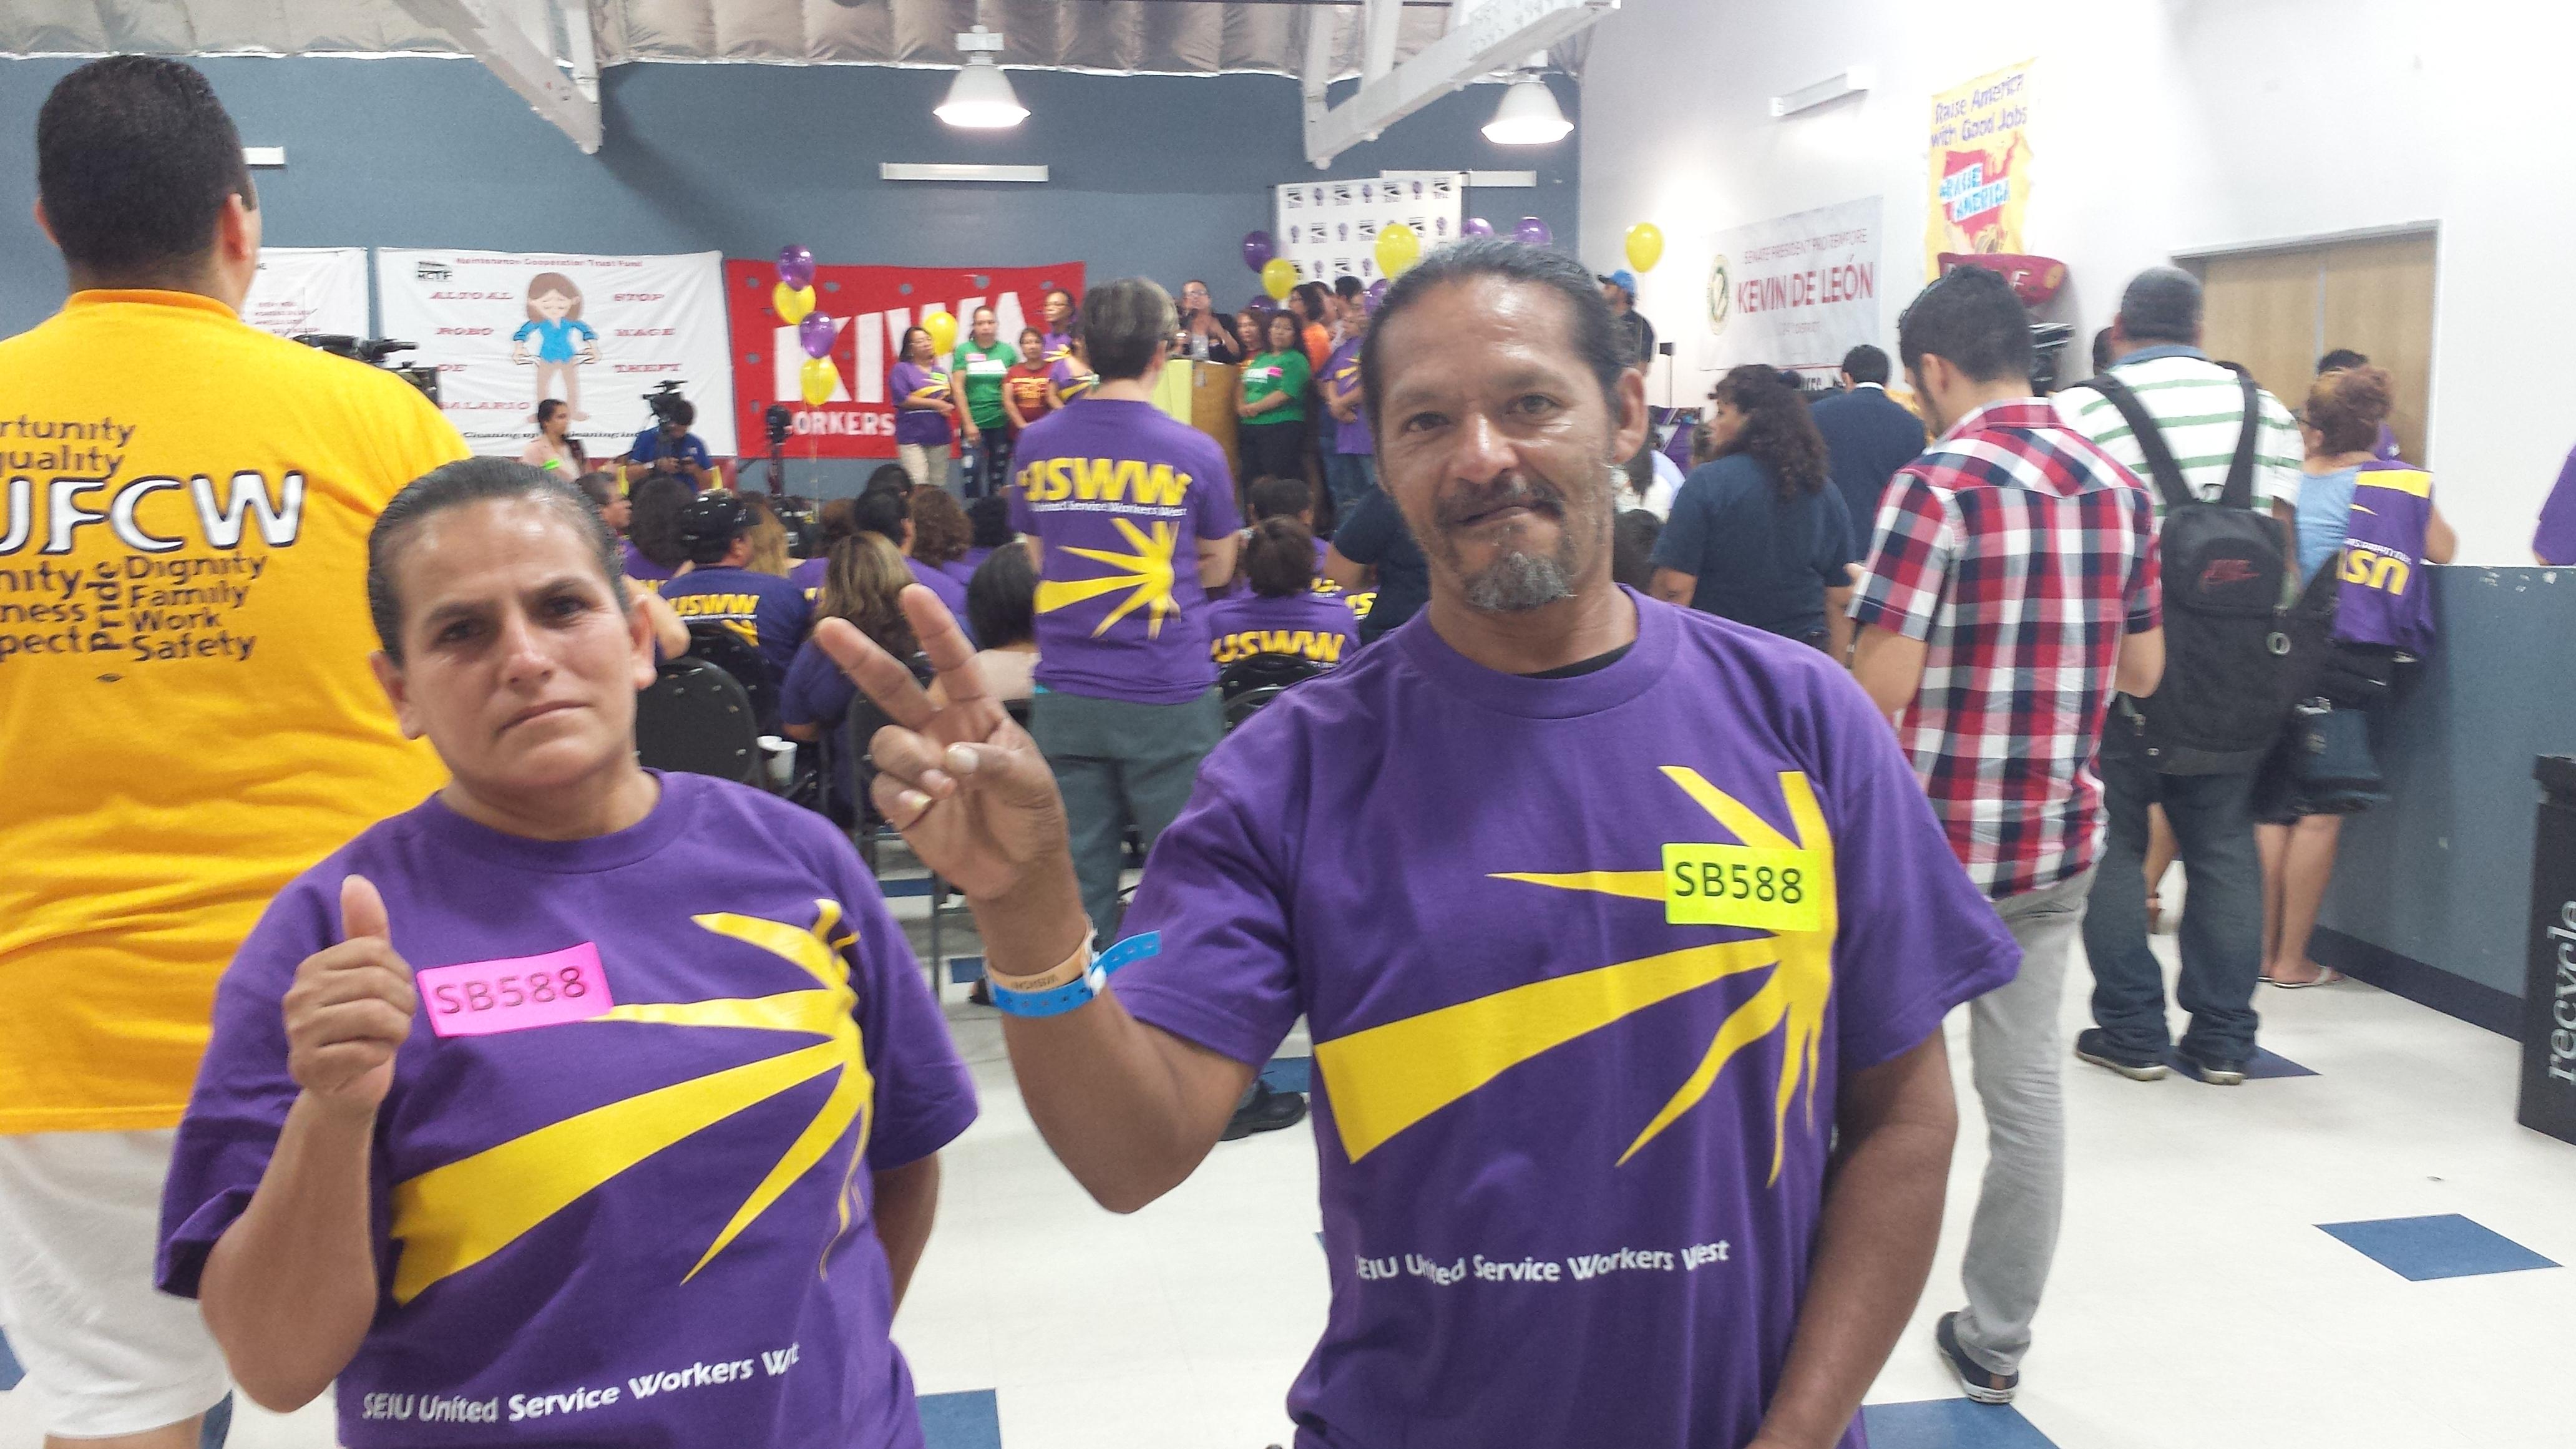 José Cázares y Marina Torres, trabajadores de la limpieza, están felices por la nueva ley. Foto: Rubén Tapia.